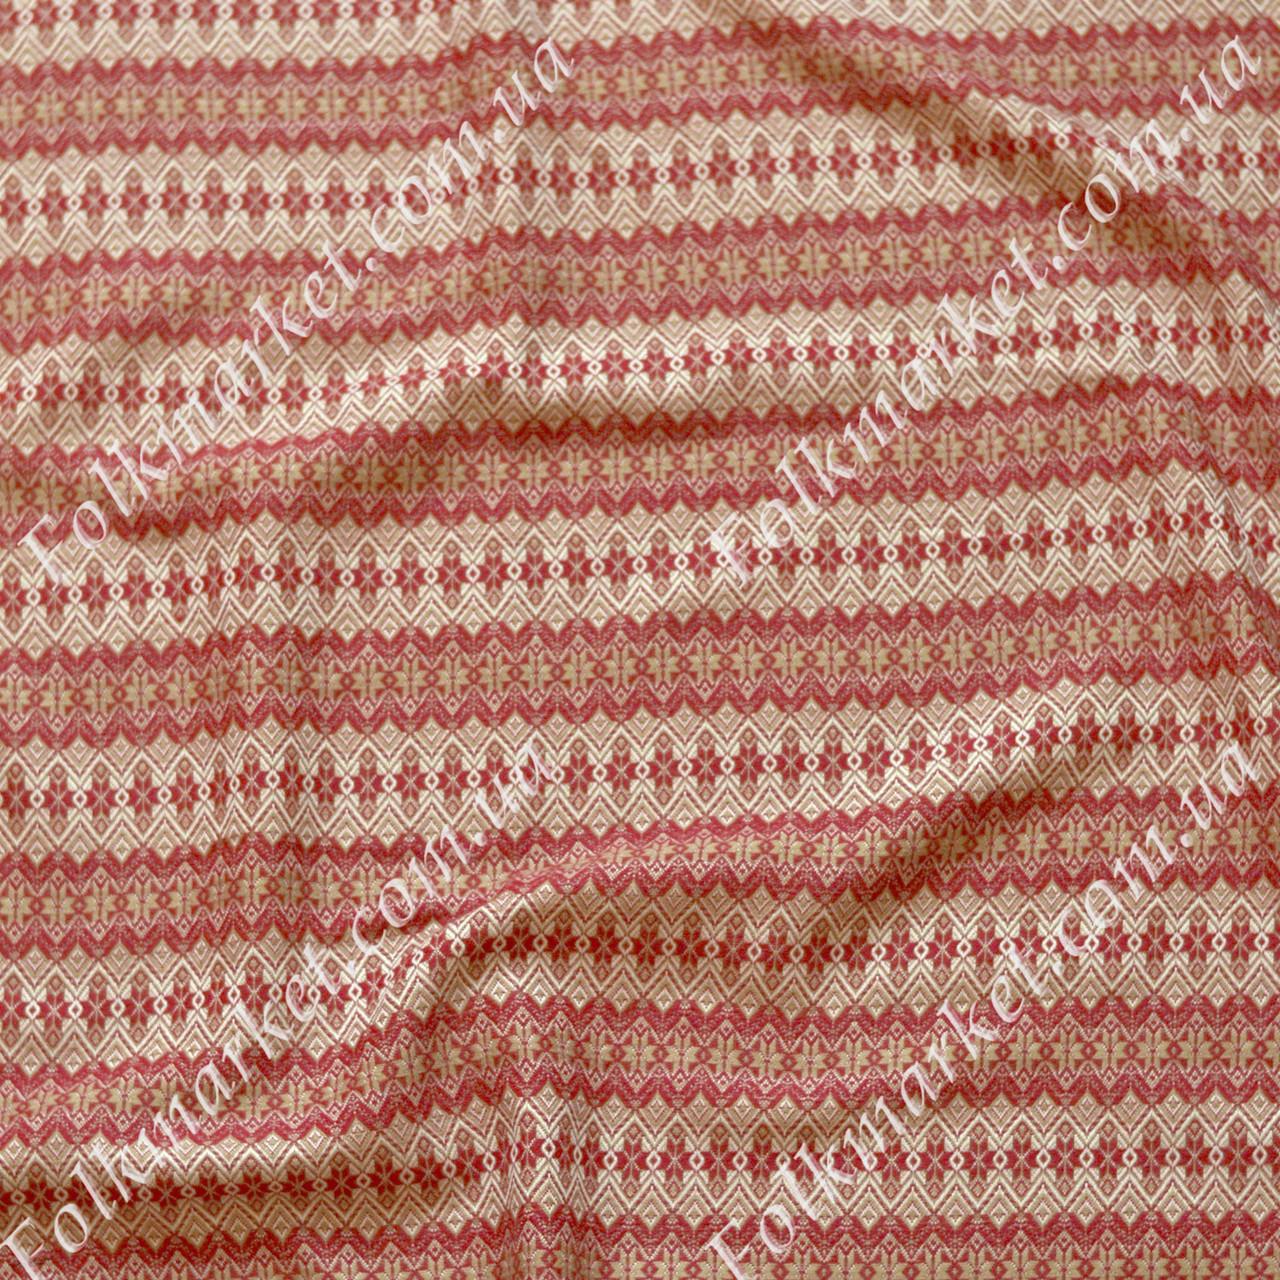 Ткань для штор с украинской вышивкой Плахта ТДК-11 4/1